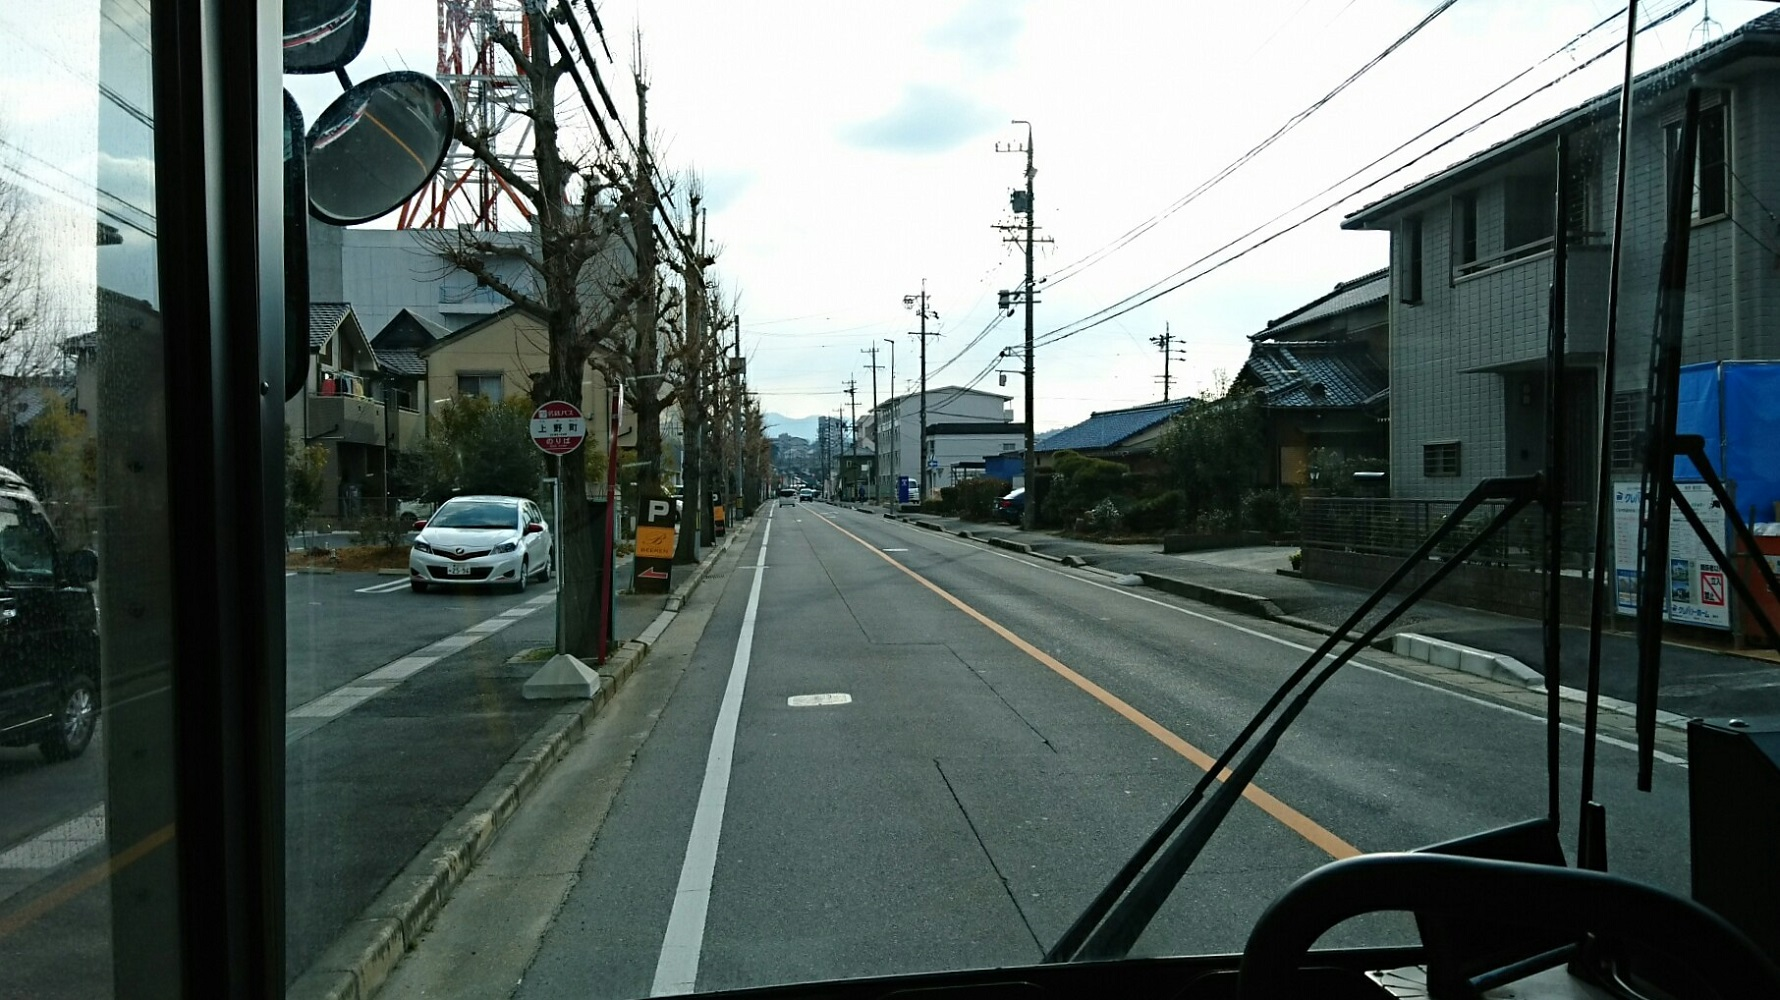 2018.2.5 東山住宅線 (31) 上野町バス停 1780-1000